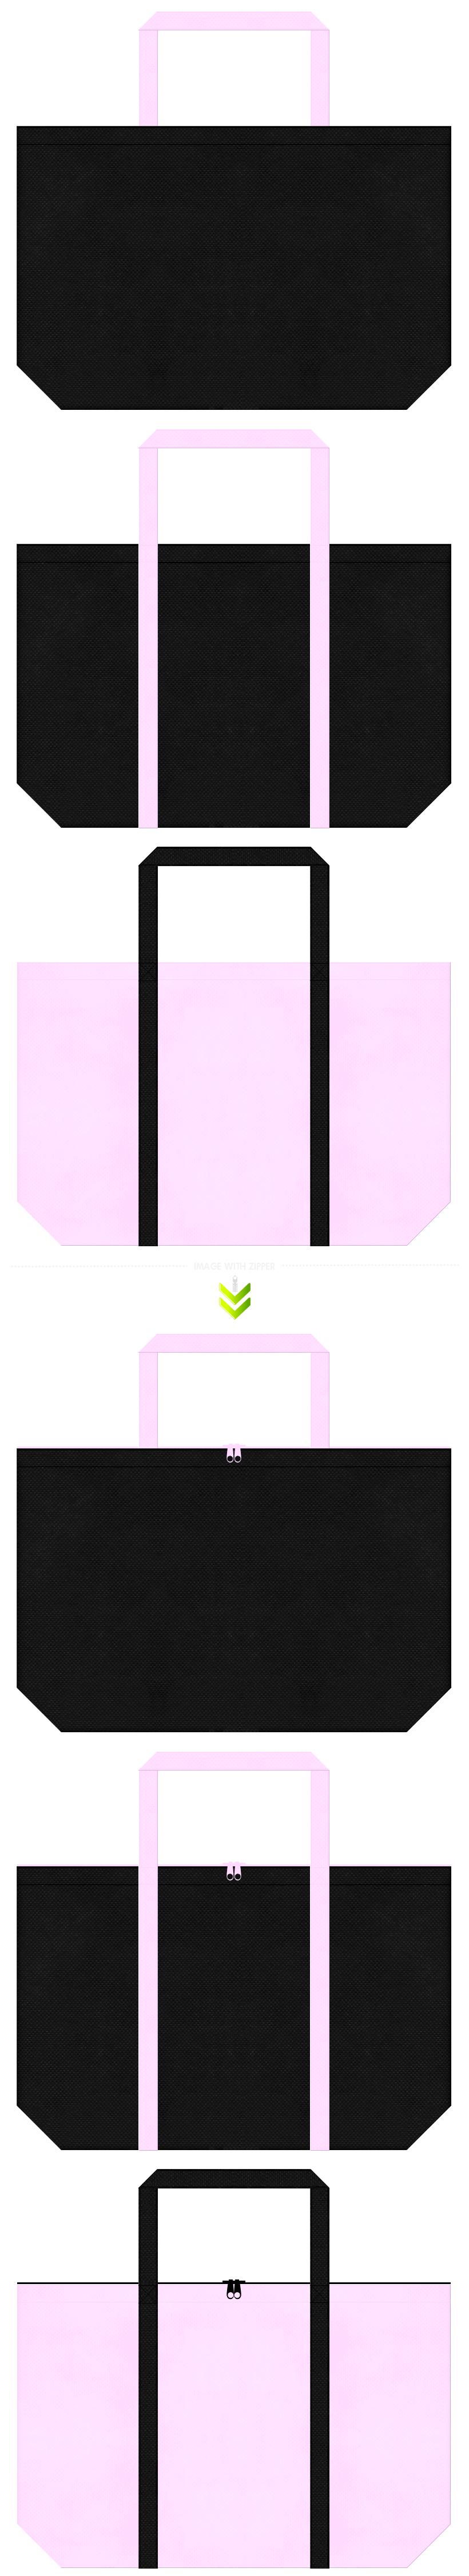 ゴスロリ・猫・フラミンゴ・バタフライ・占い・魔女・魔法使い・ウィッグ・コスプレイベント・ユニフォーム・運動靴・スポーツバッグ・ランドリーバッグにお奨めの不織布バッグデザイン:黒色と明るいピンク色のコーデ